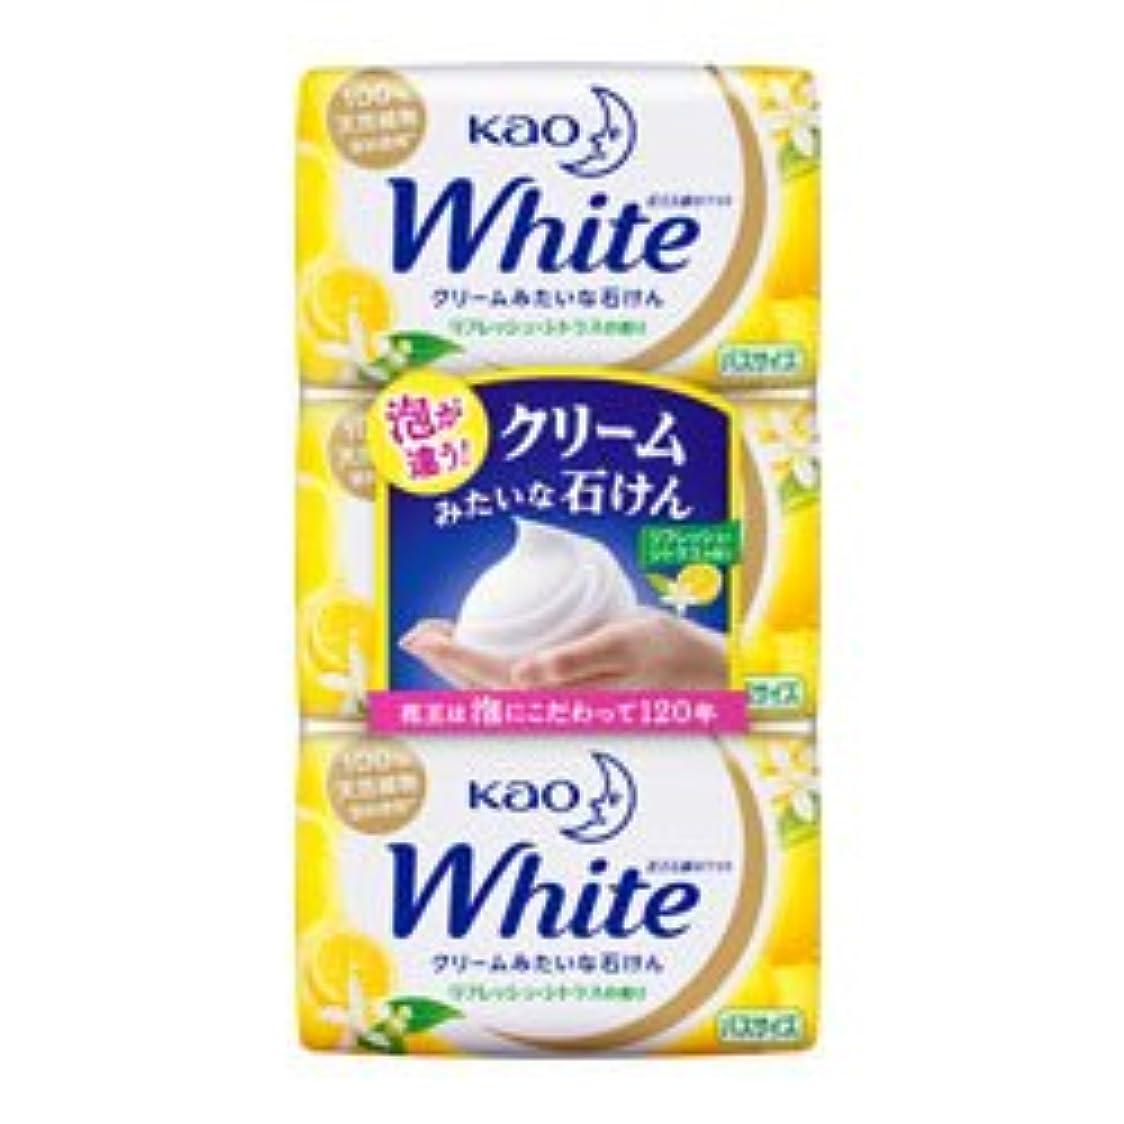 後継美徳ジョージバーナード【花王】ホワイト リフレッシュ?シトラスの香り バスサイズ 130g×3個入 ×20個セット